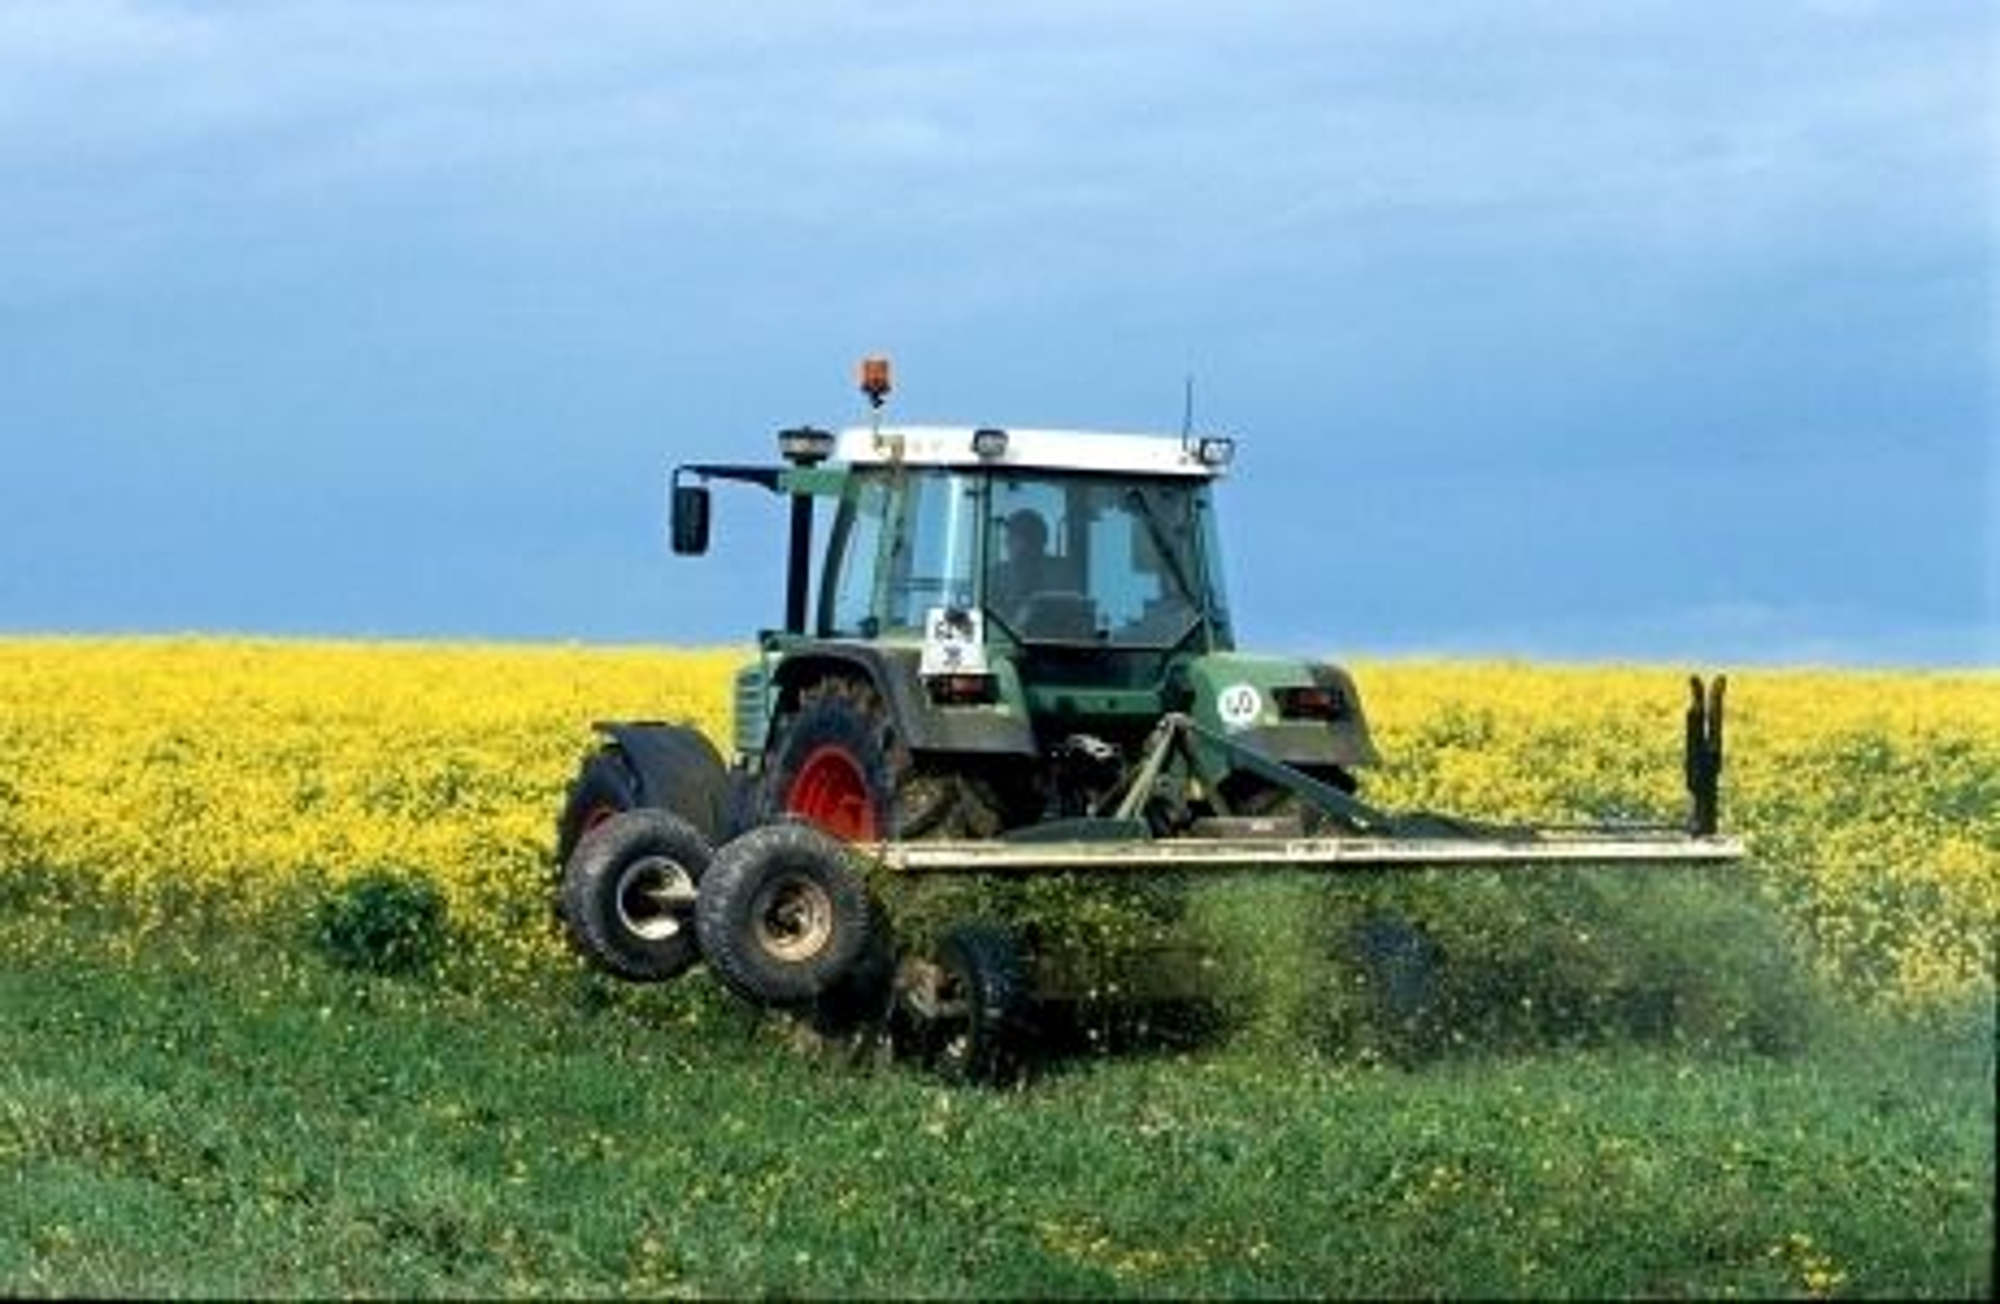 NY FABRIKK: Statoil skal produsere biodiesel i Lituauen, basert på vegetabilsk olje. Råvarene vil komme fra Baltikum, Ukraina, Hviterussland og Russland.